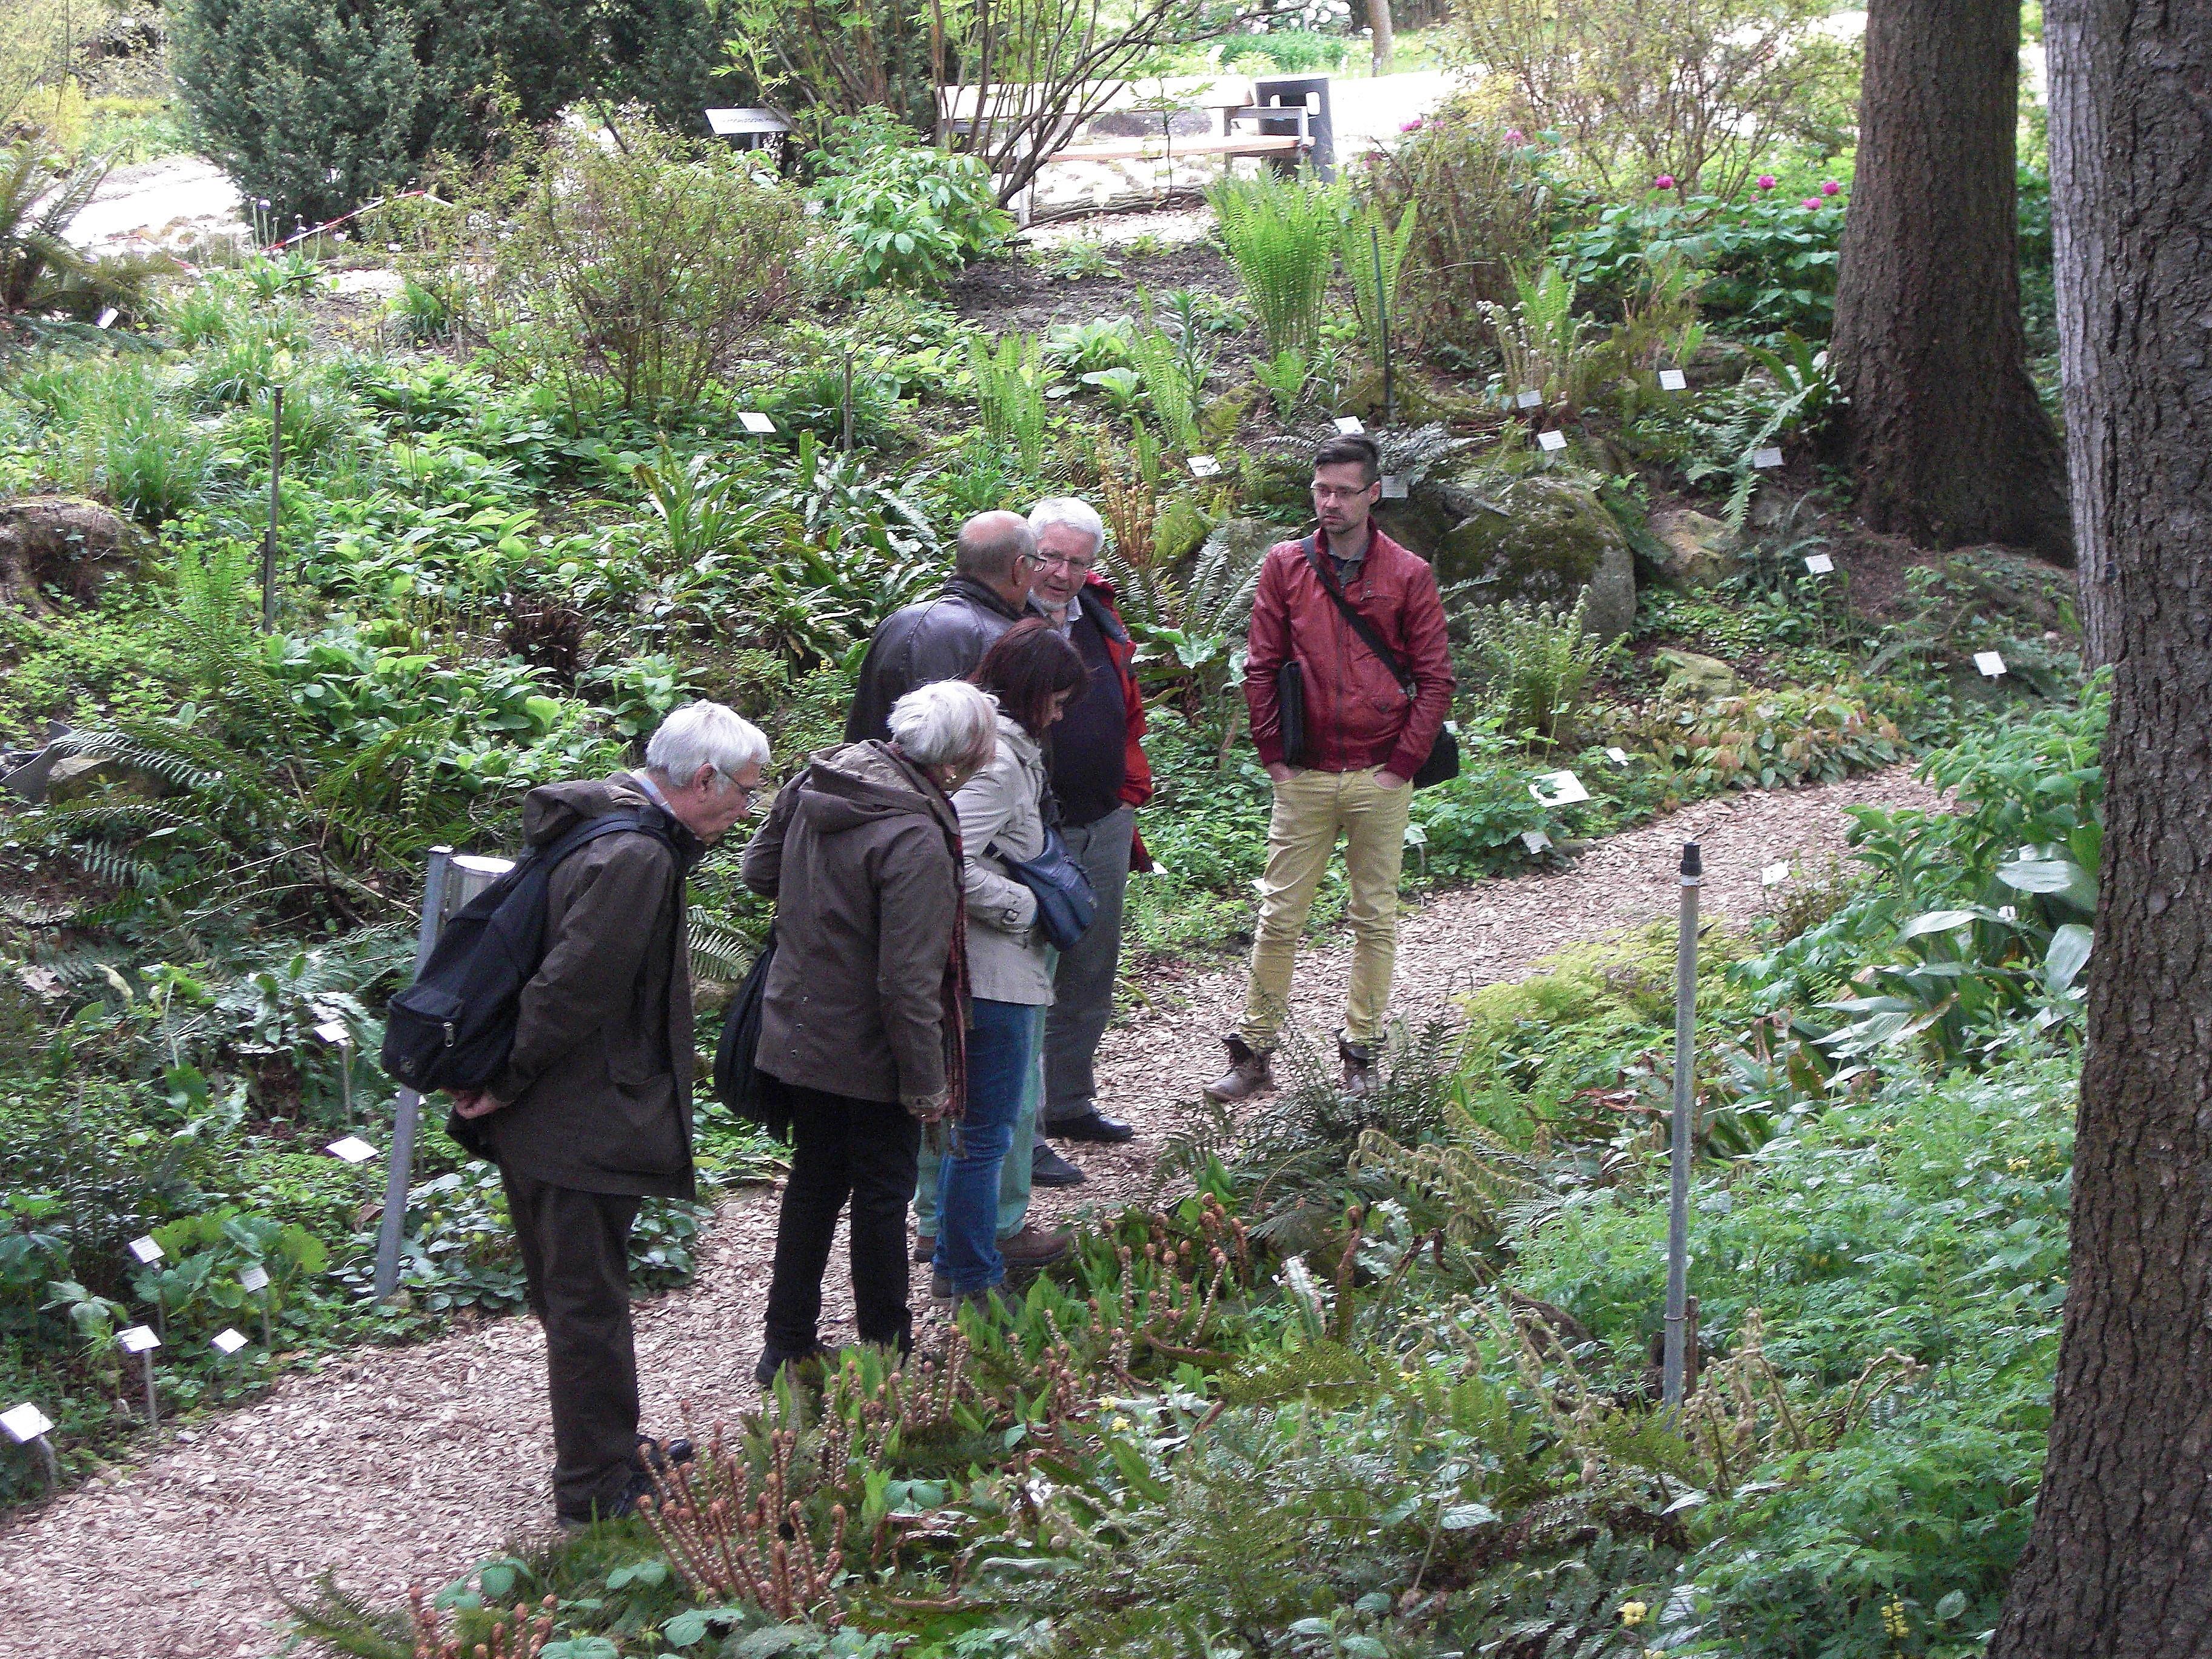 """Abb. 2: In der """"Farnschlucht"""" des Botanischen Gartens (Foto: Matthias Appelt)"""